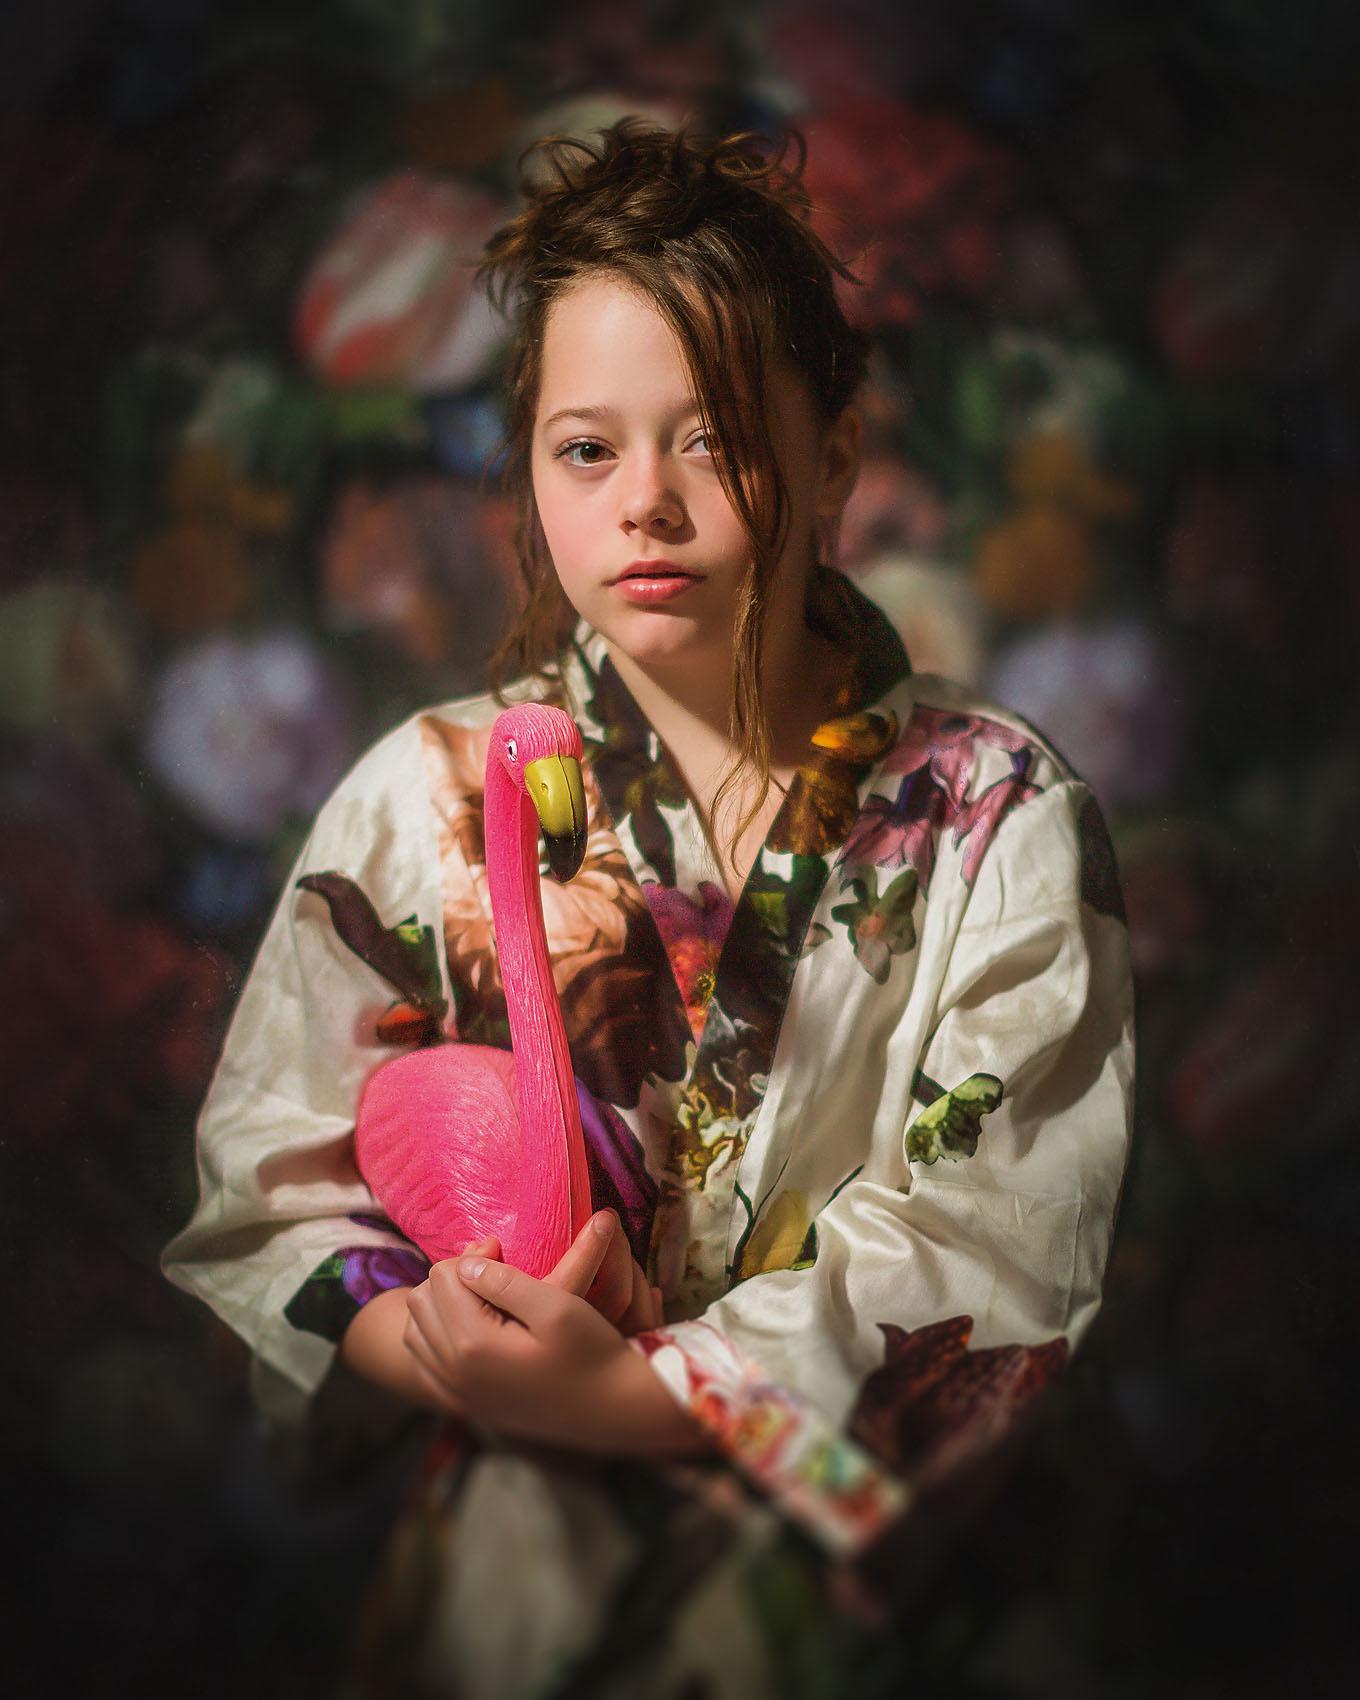 Portret van de opleiding the masters of light and color door Willie Kers Photography uit apeldoorn